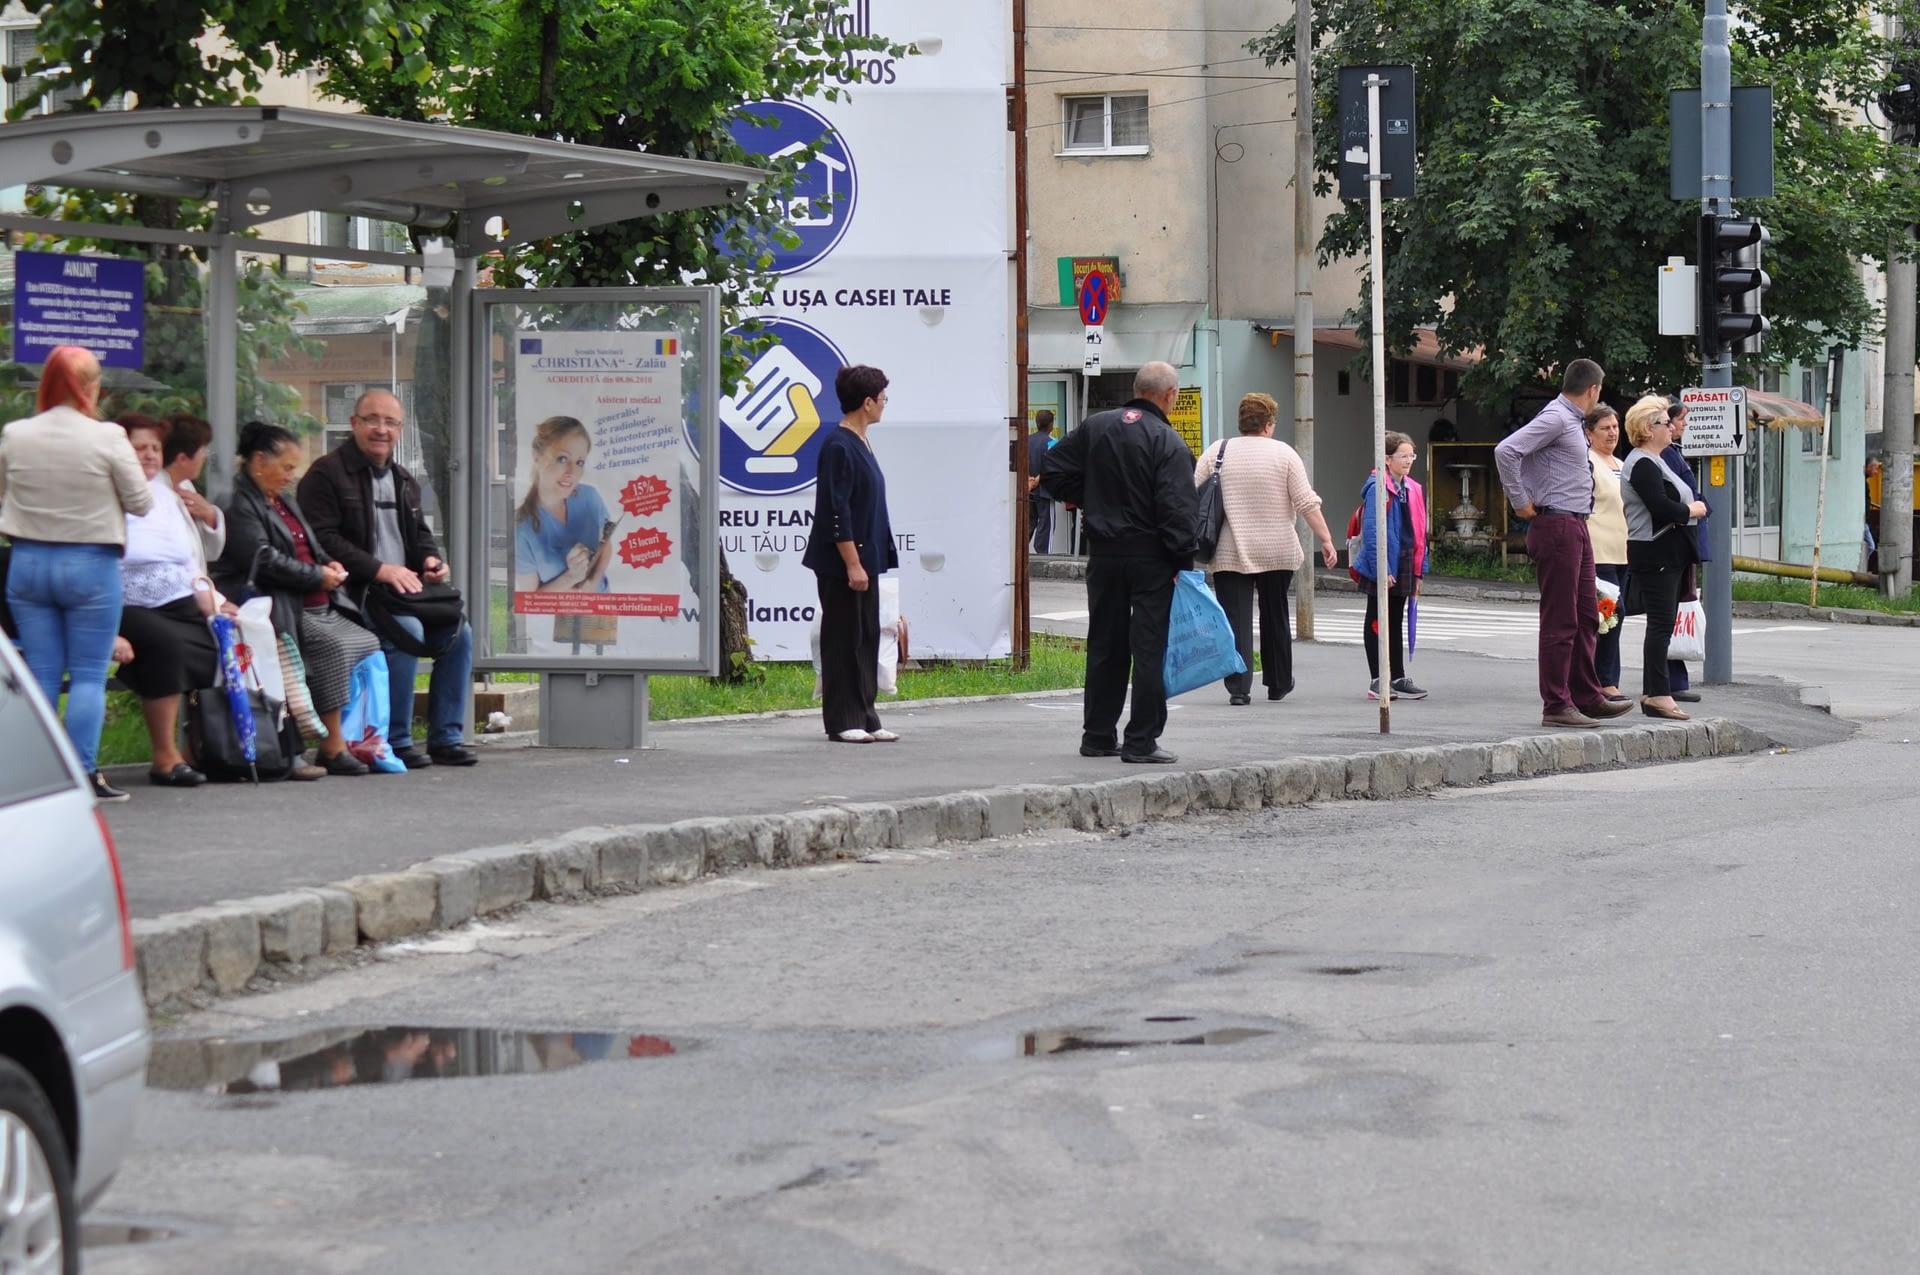 Stație de autobuz decorată cu material publicitare